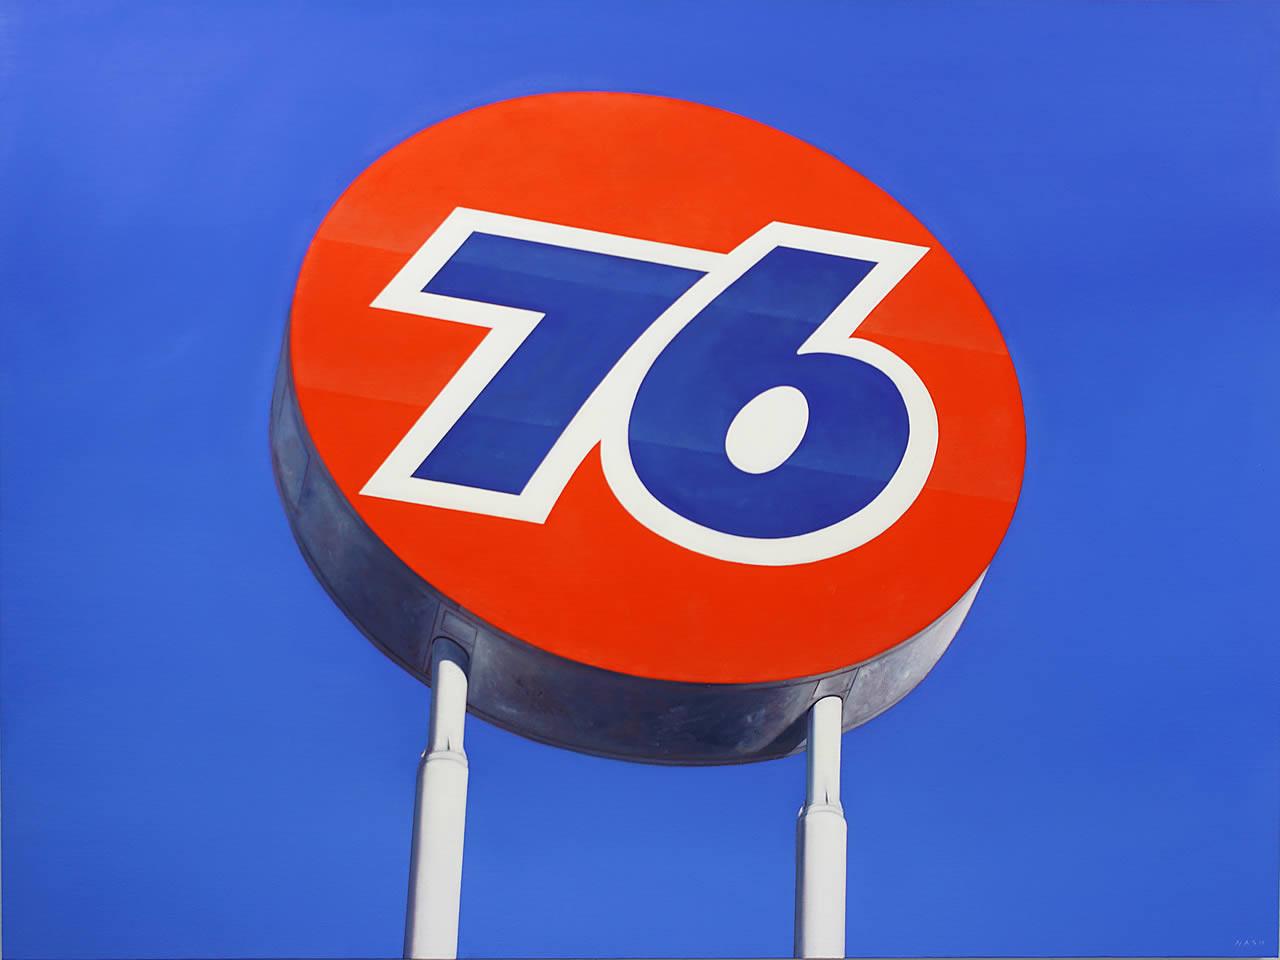 Freeway 76